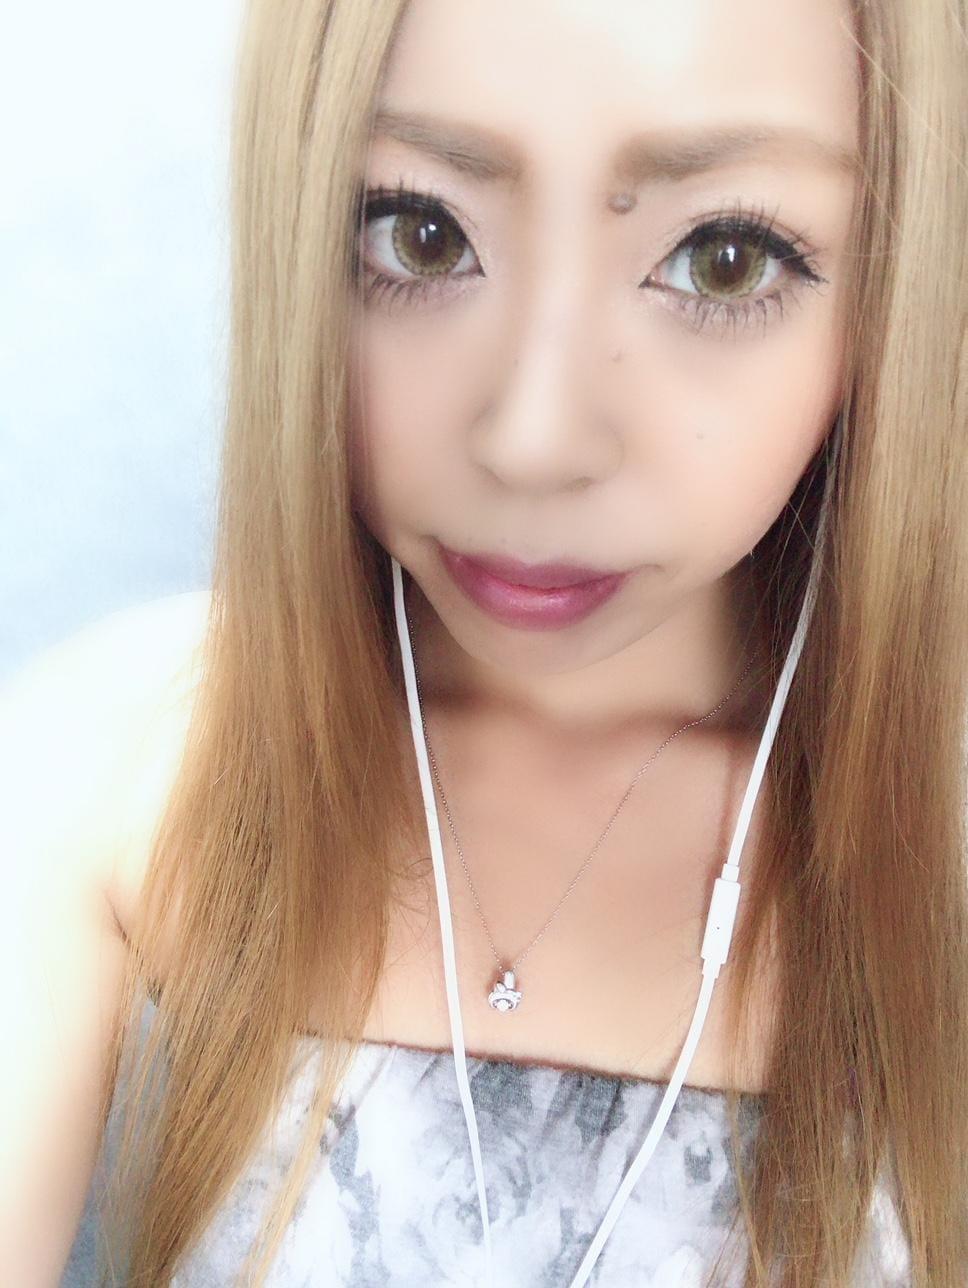 さら「今日も!!!!」07/16(月) 11:19   さらの写メ・風俗動画